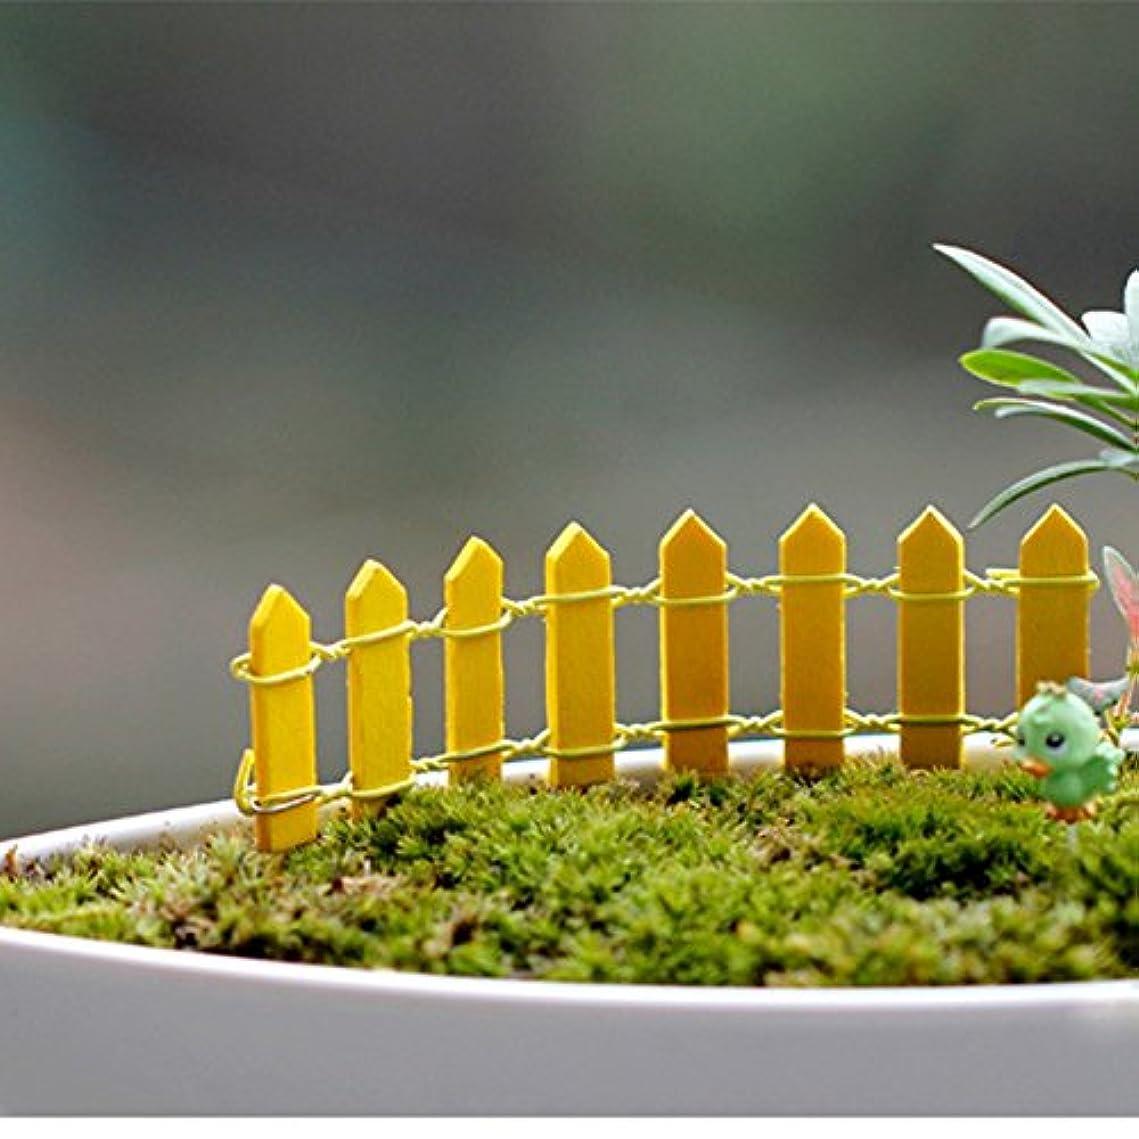 哲学者単調な慣れているJicorzo - 20個DIY木製の小さなフェンスモステラリウム植木鉢工芸ミニおもちゃフェアリーガーデンミニチュア[イエロー]